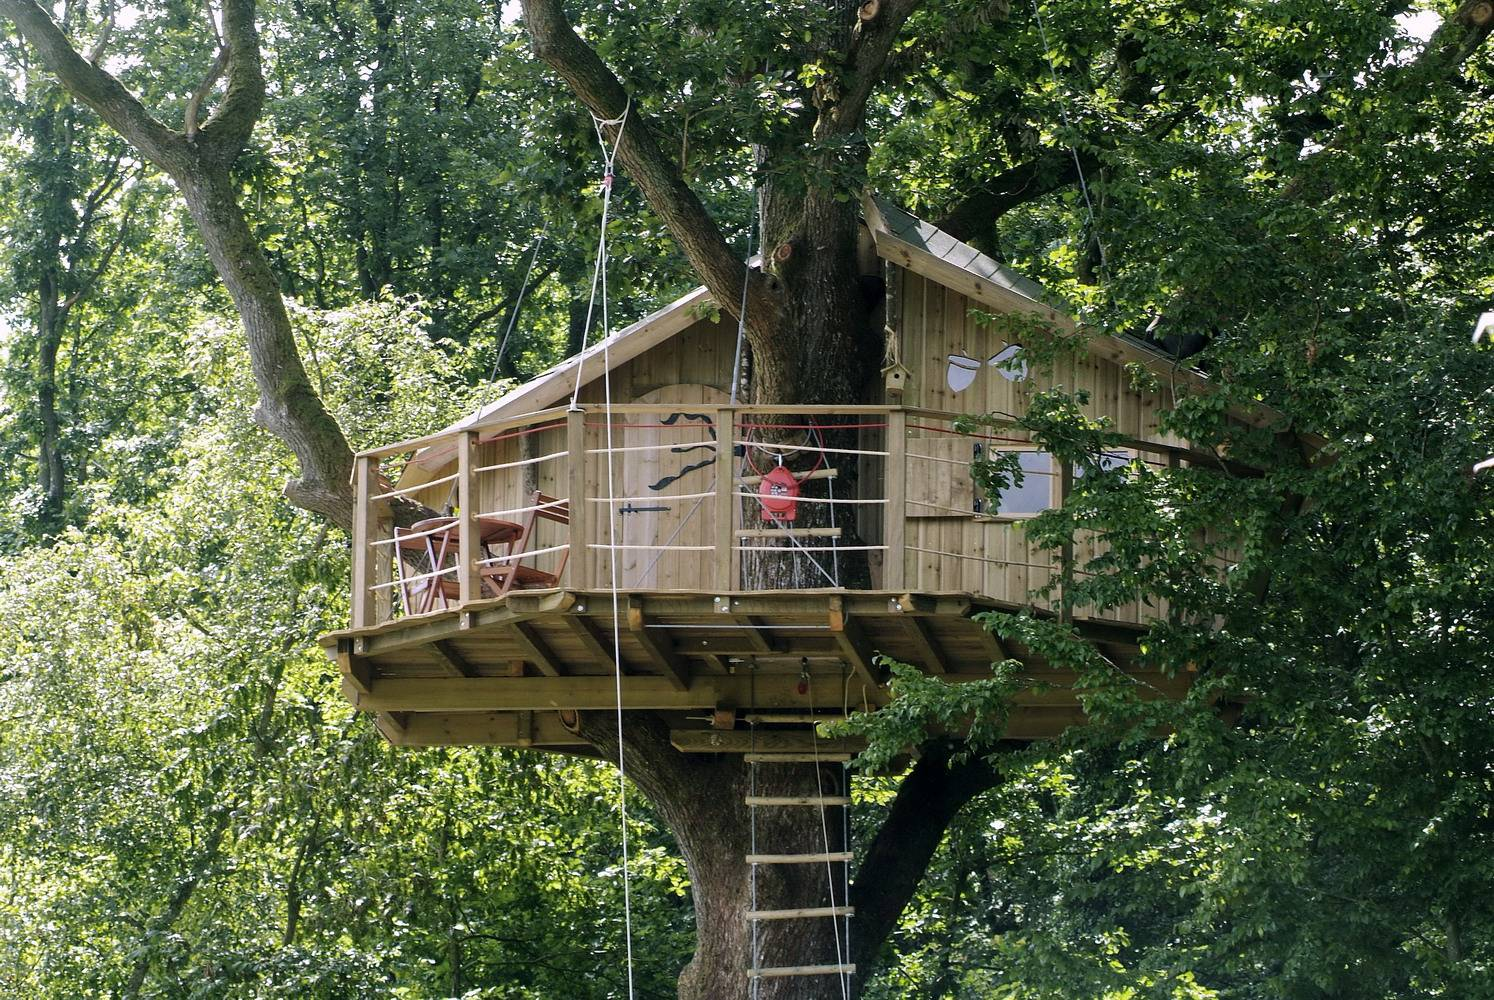 cabane oiseaux cabanes dans les arbres dans le perche. Black Bedroom Furniture Sets. Home Design Ideas